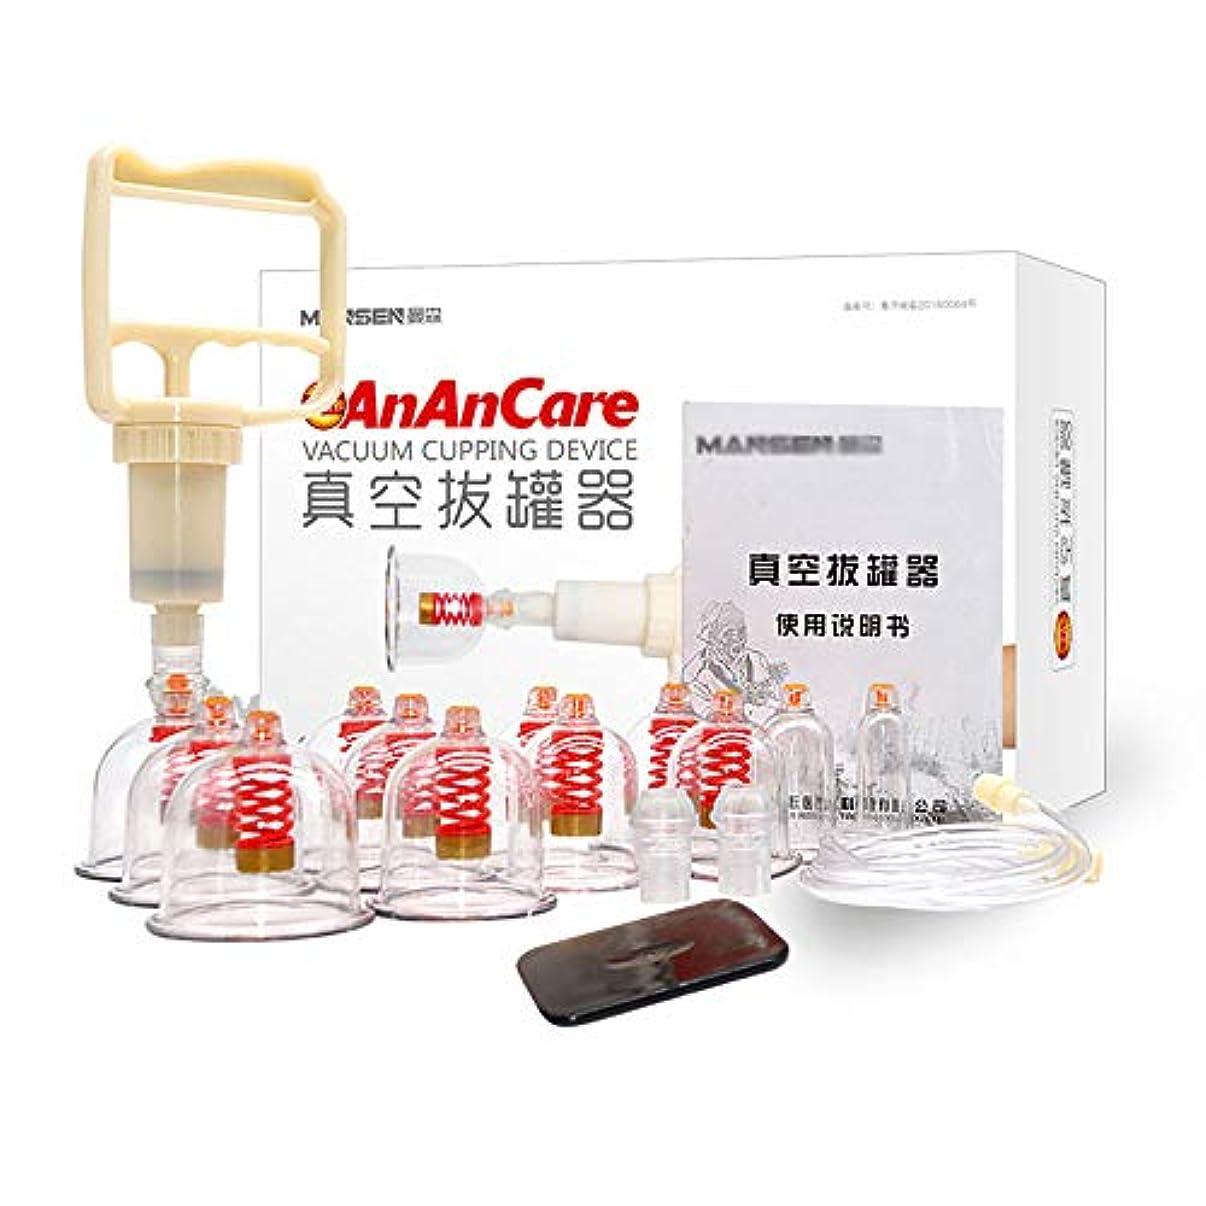 カッピング装置 - 専門のカッピング治療装置12個のカップは、大人と高齢者に適したポンプとエクステンションチューブでセット 美しさ